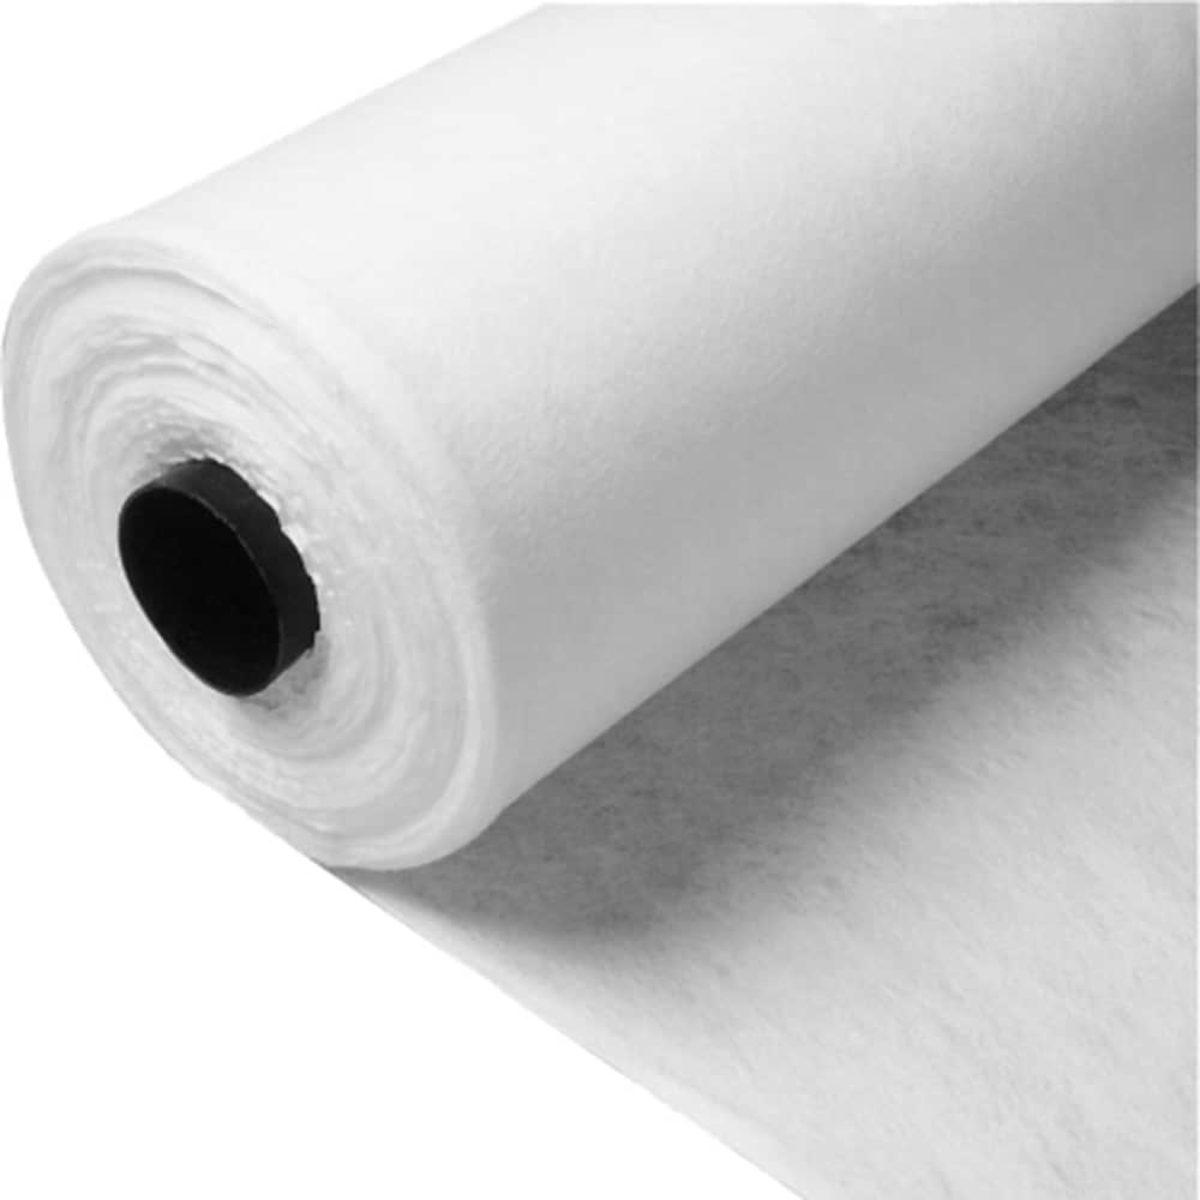 White Non-Woven 100 GSM Fleece Geo Textile Membrane Choose Your Size